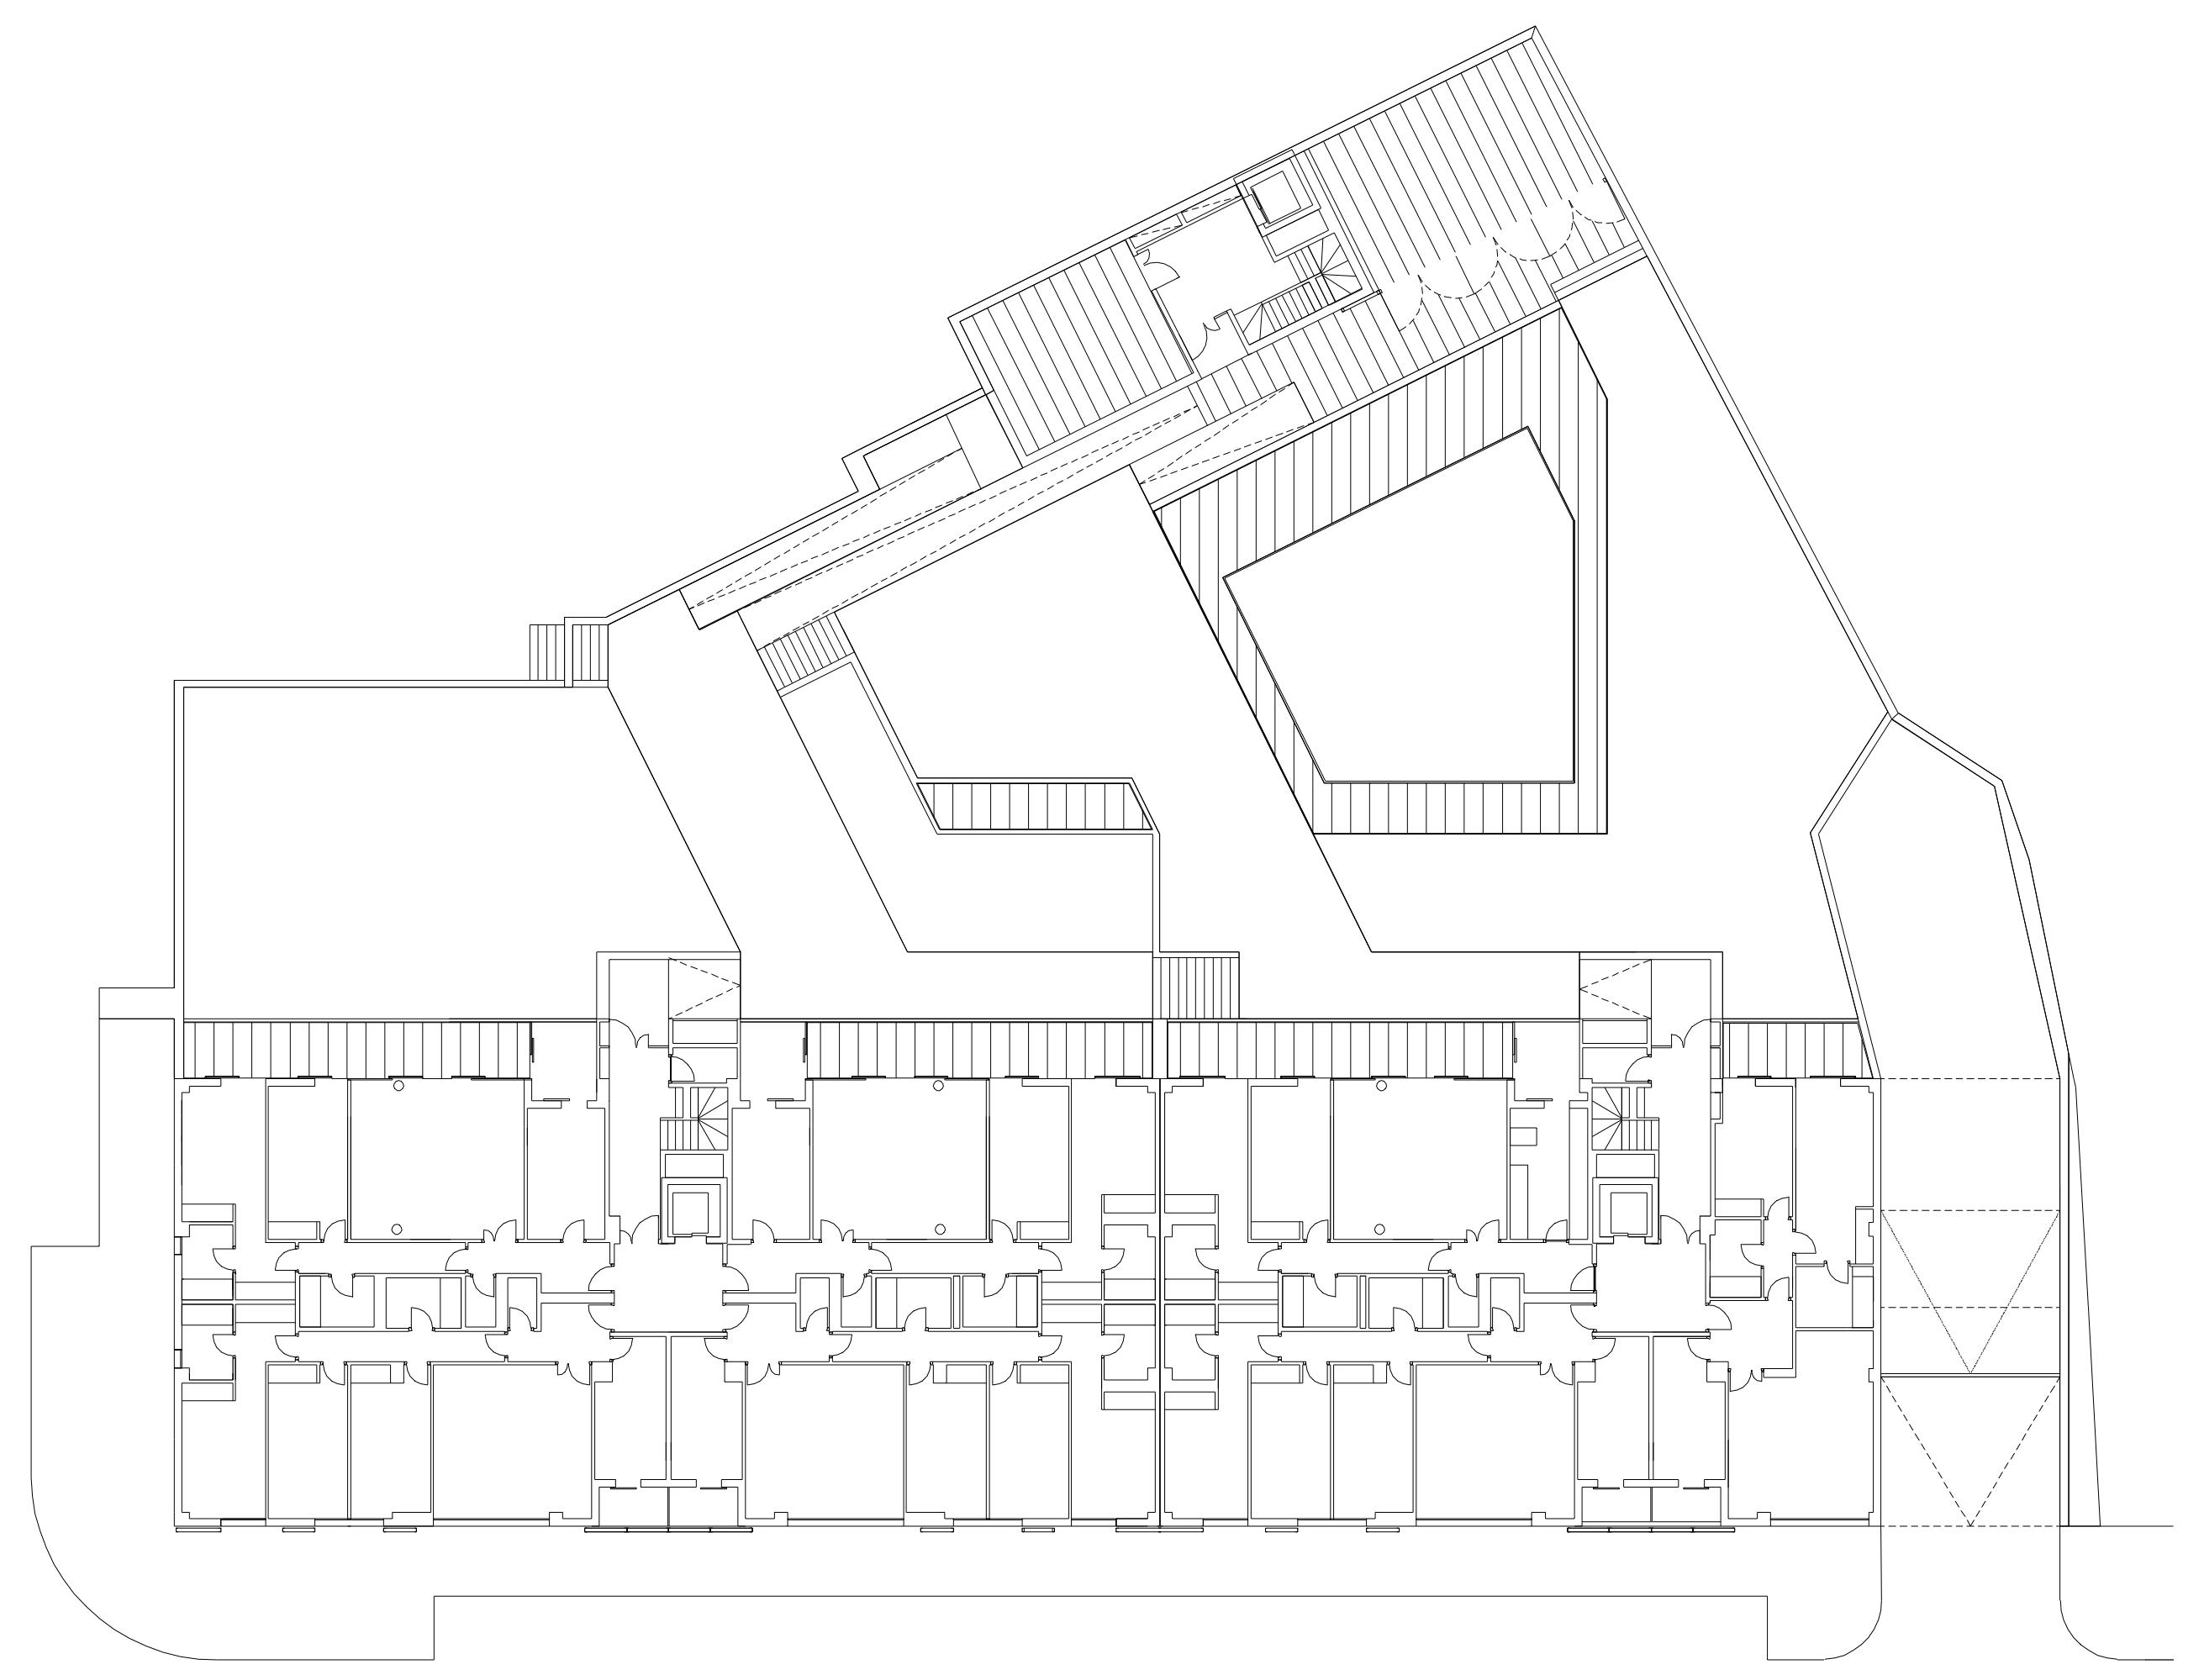 Concurso para un edificio de 75 viviendas | Imagen de proyecto3